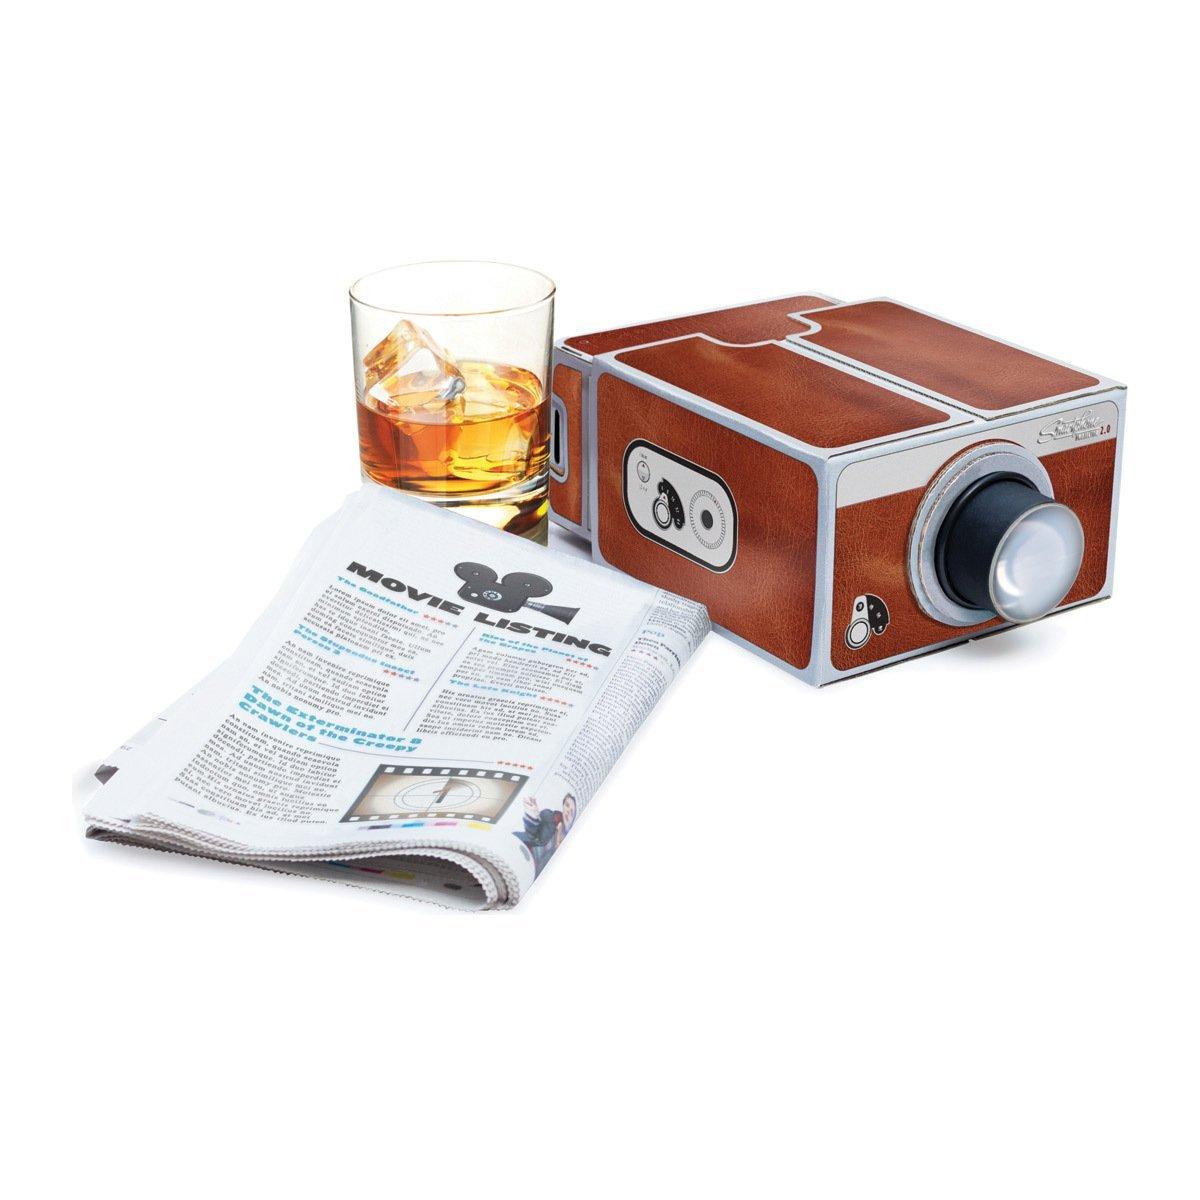 Geschenke Luckies Smartphone Projektor Mini Projektor Deluxe Deko NEU